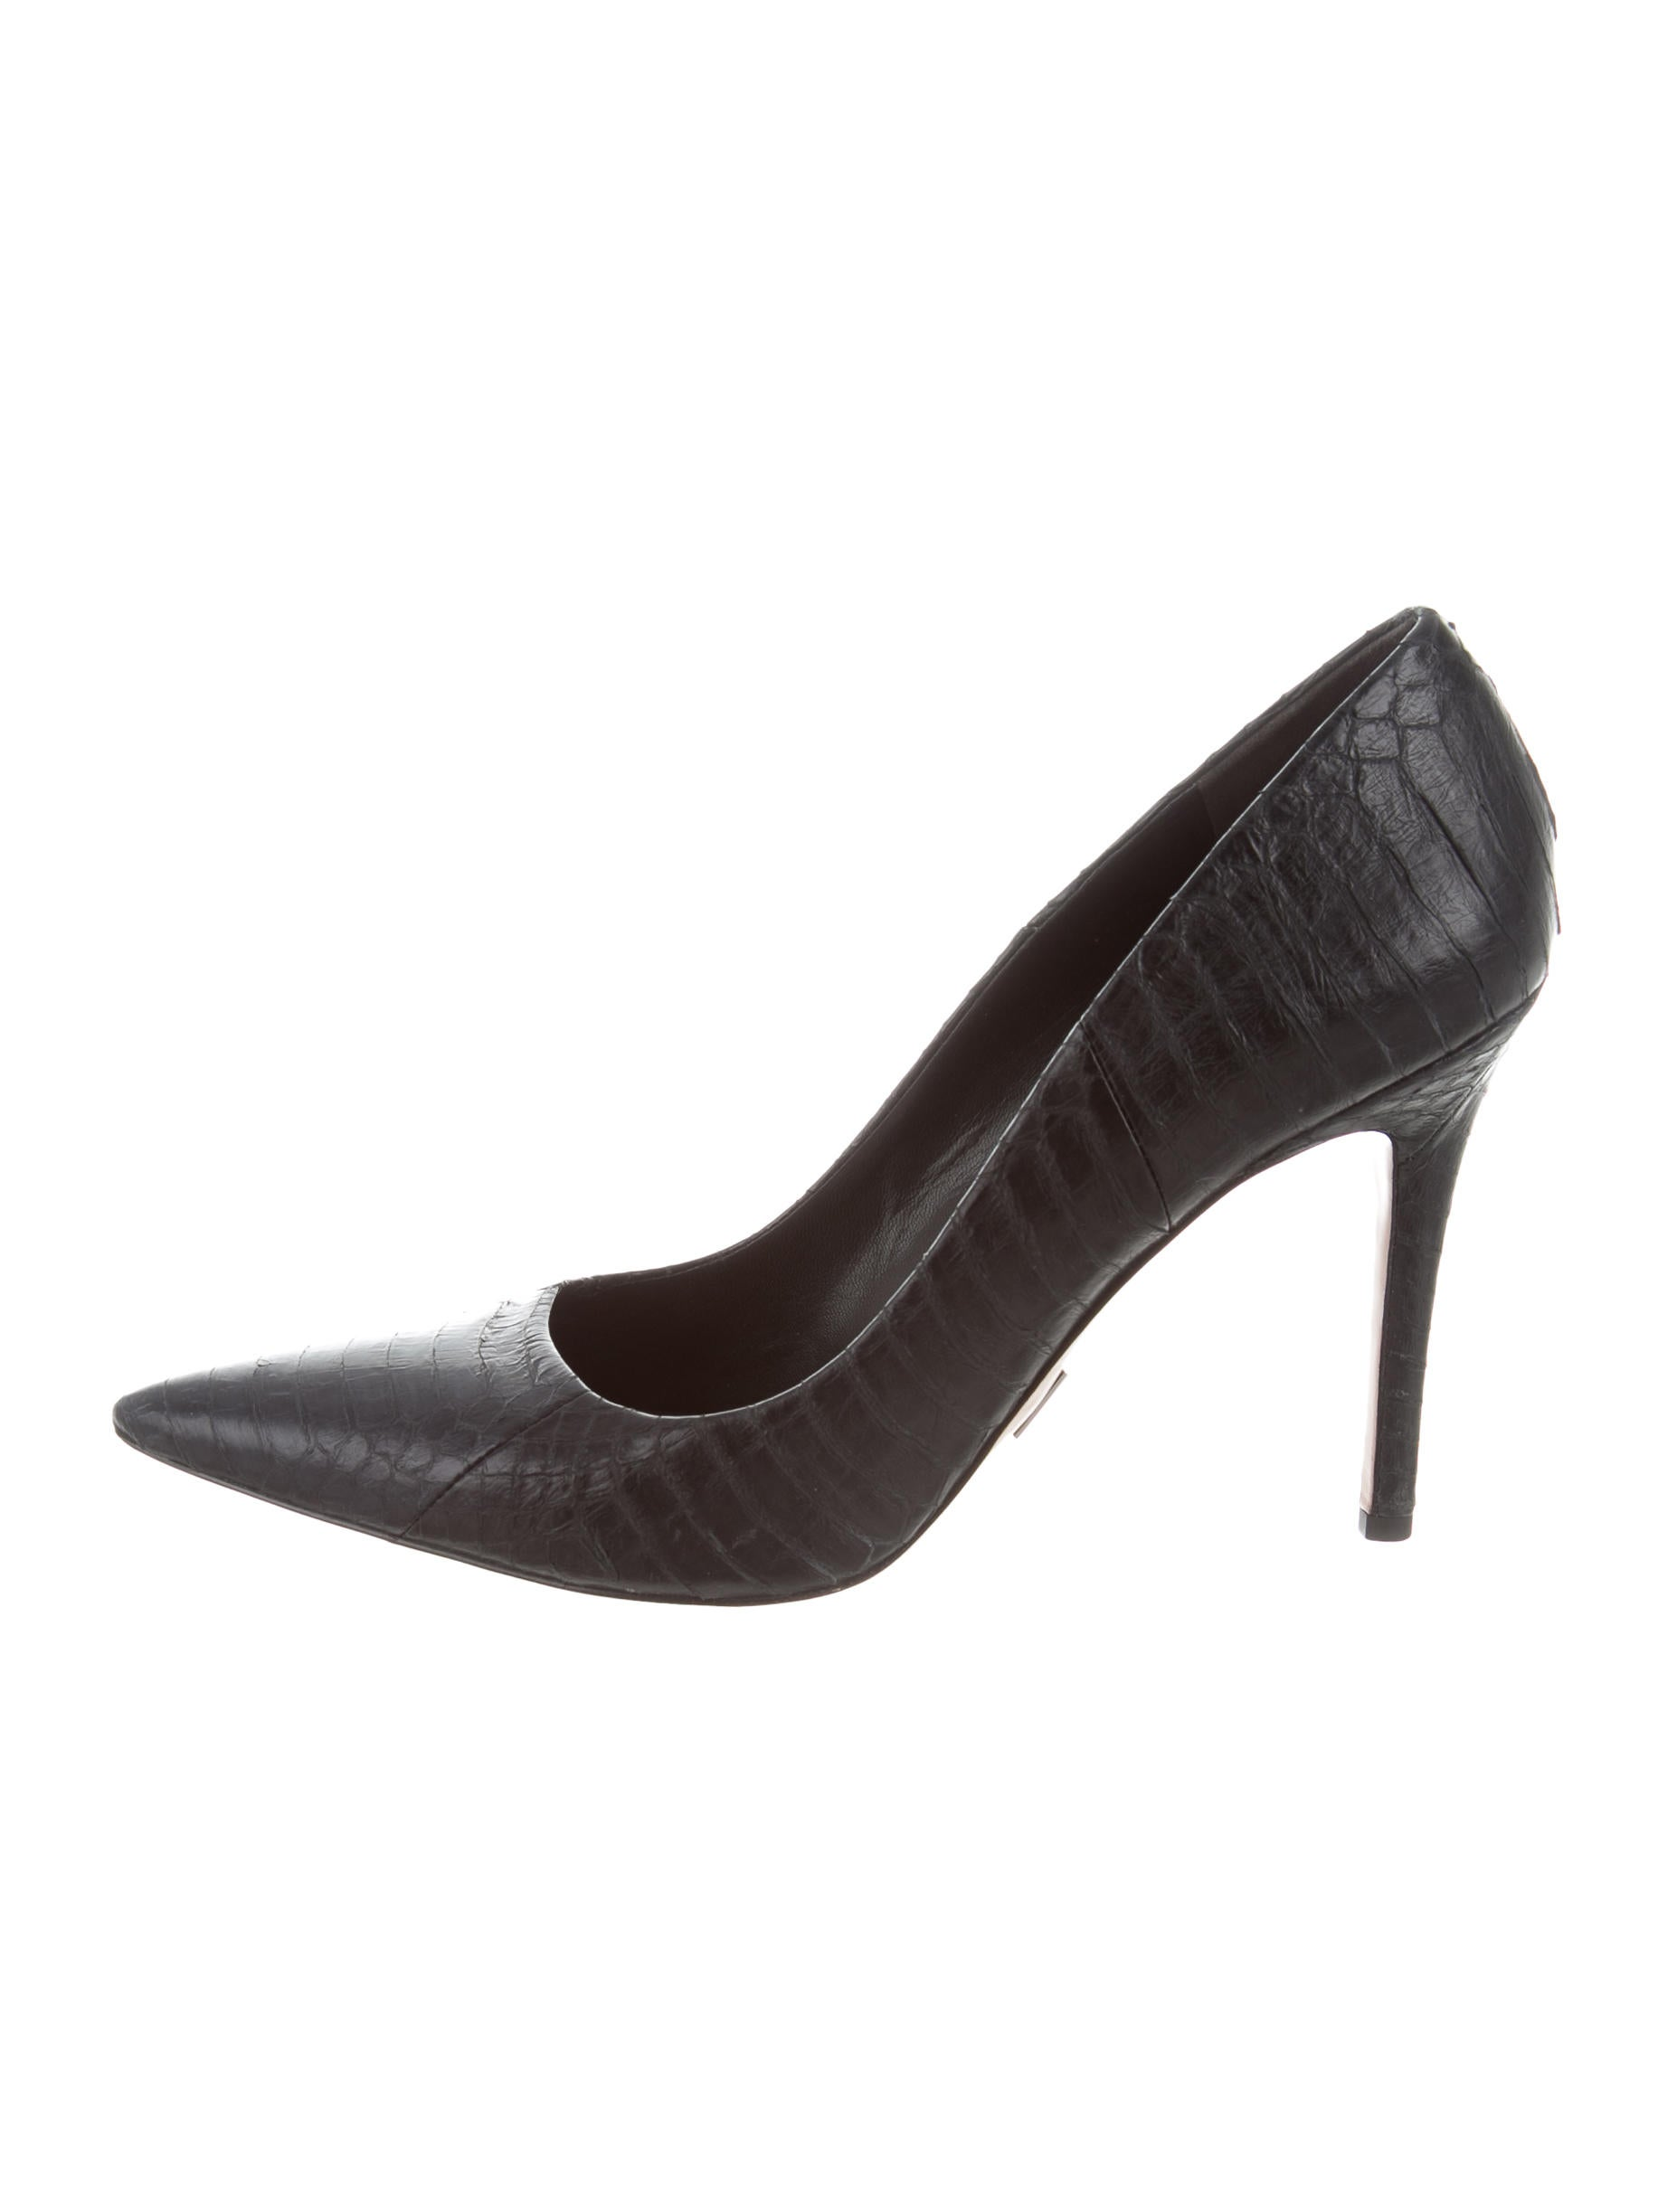 Michael Kors Aarons Womens Black Snake Heels Shoes